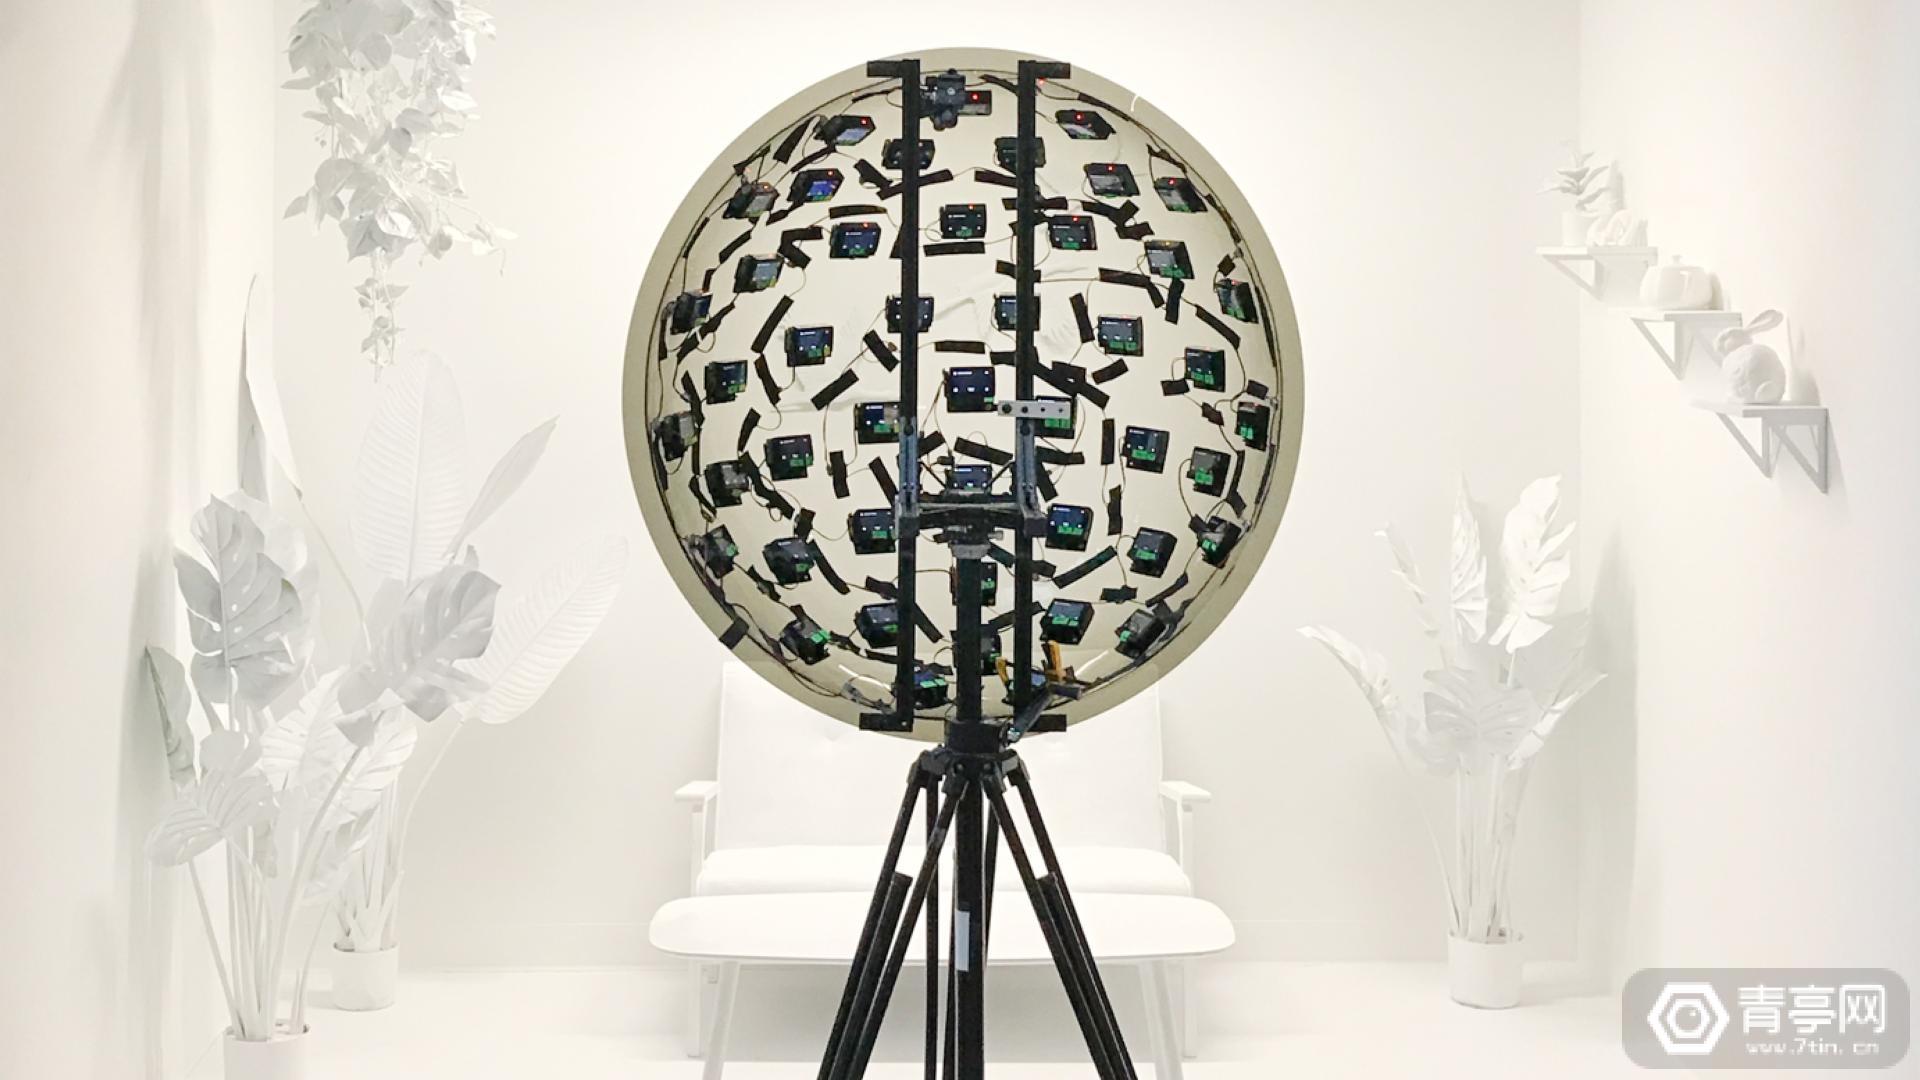 比全景视频更立体,谷歌展示球形6DoF光场视频方案